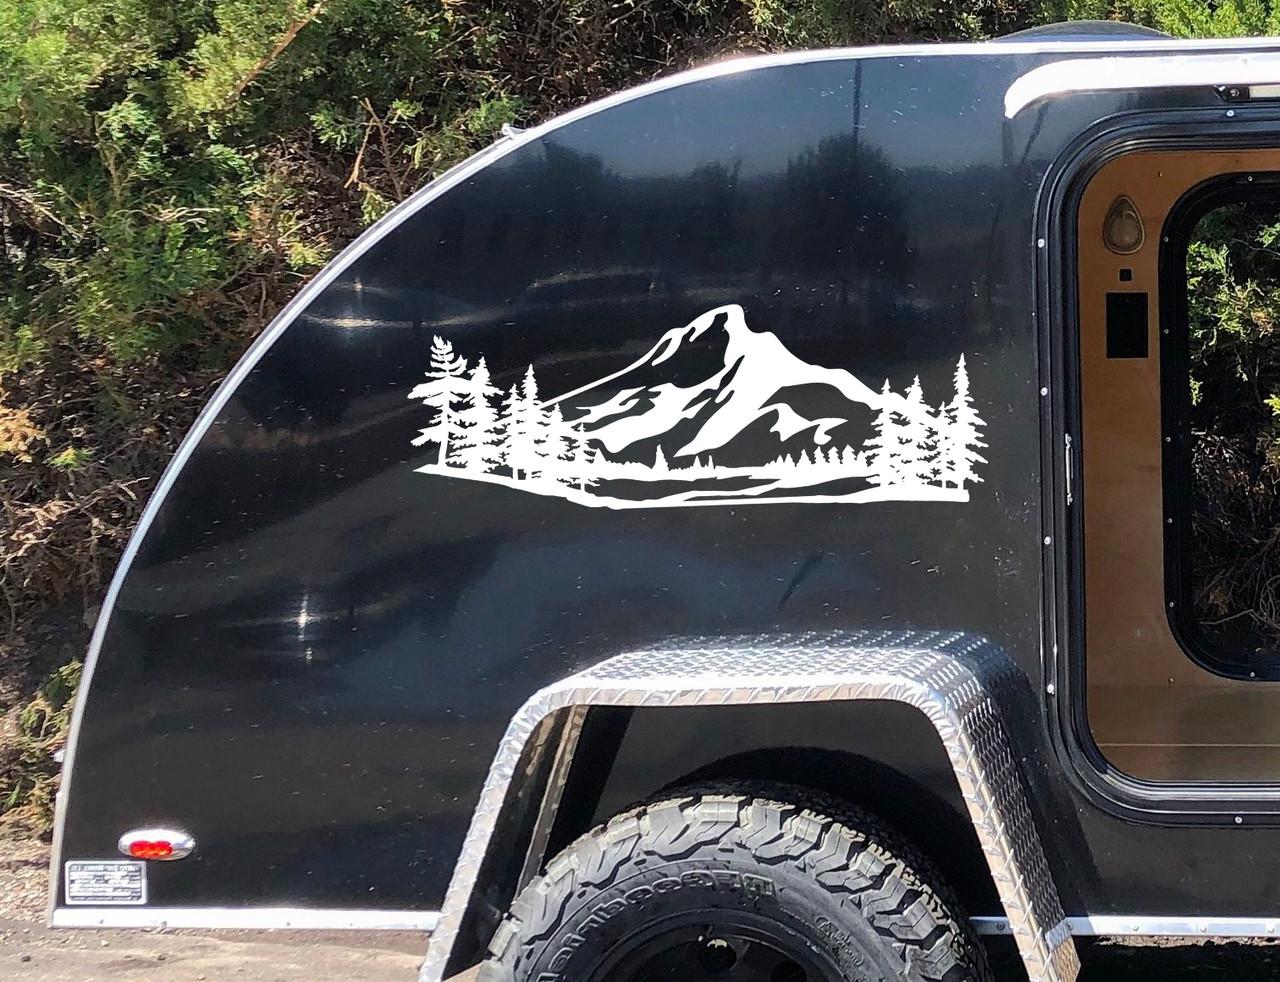 Mountains Forest Scene Vinyl Decal V3 - Camper RV Travel Trailer Graphics 4x4 - Die Cut Sticker